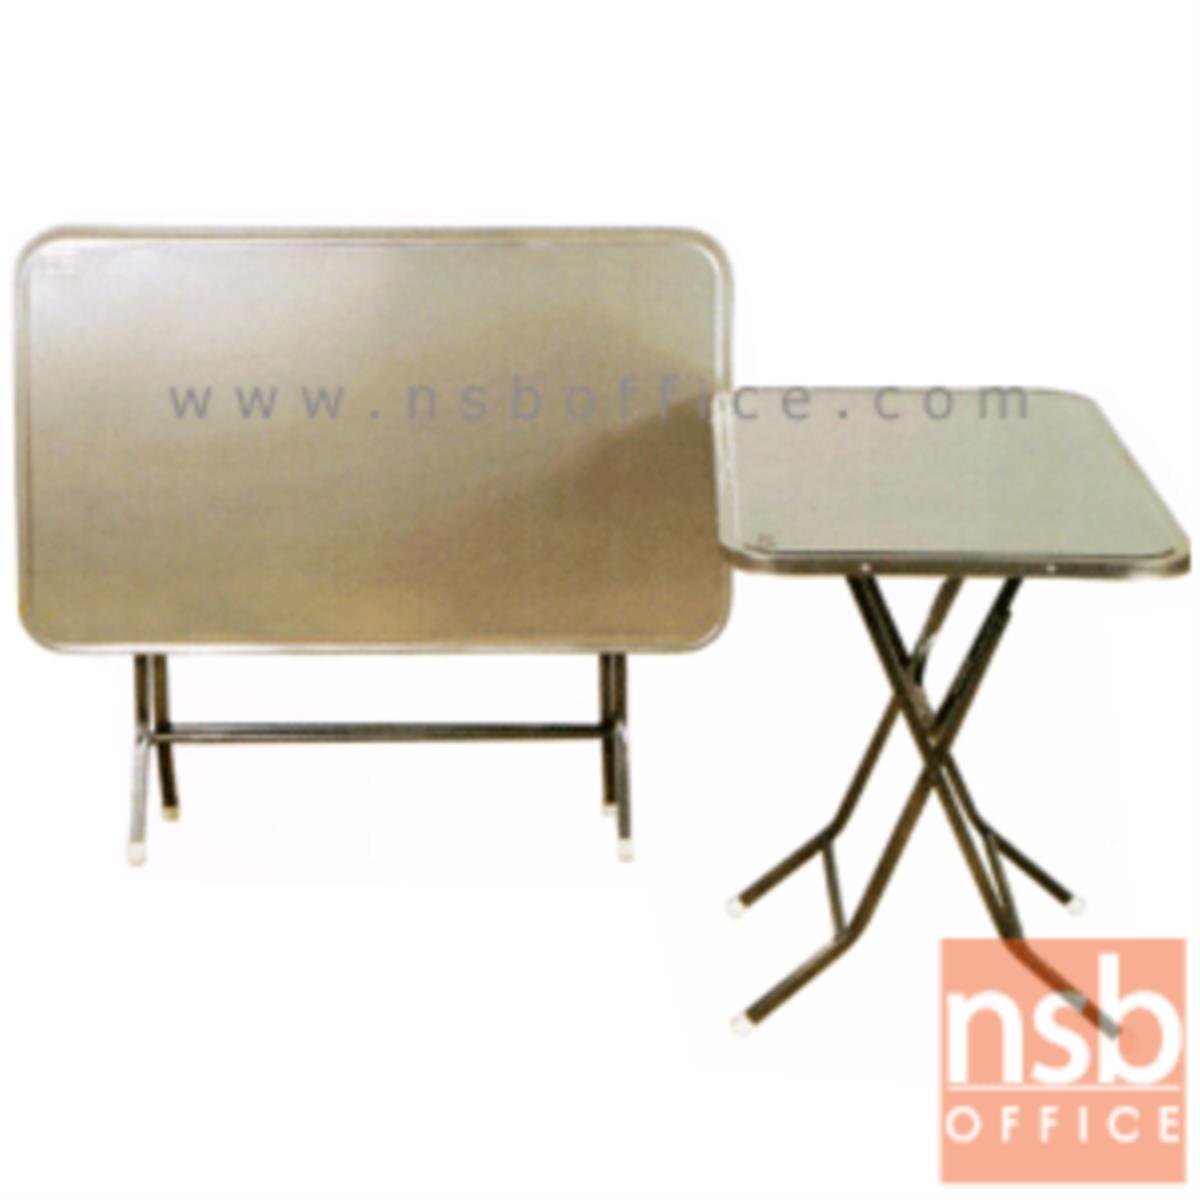 G12A040:โต๊ะพับหน้าสเตนเลส รุ่น SN-WCW742 ขนาด 3 ,4 ฟุต  ขาเหล็กลายเกร็ดระเบิด